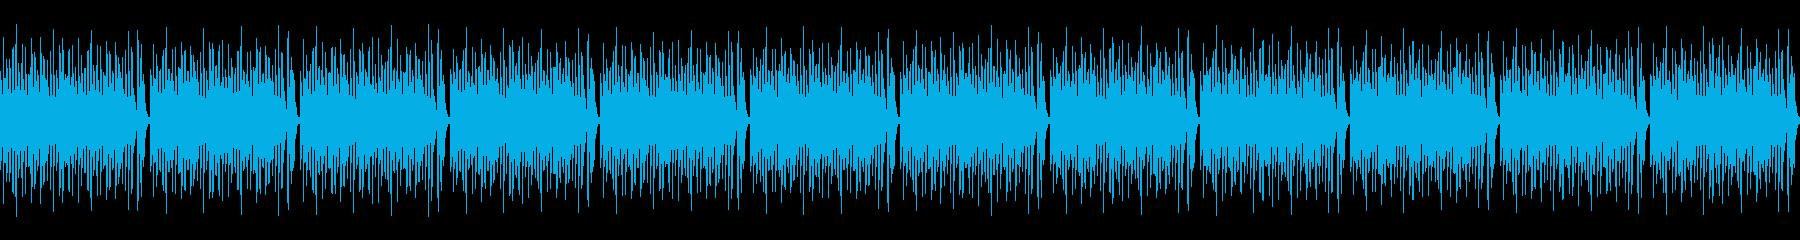 魔界・魔族系Vtuber  怪しいBGMの再生済みの波形